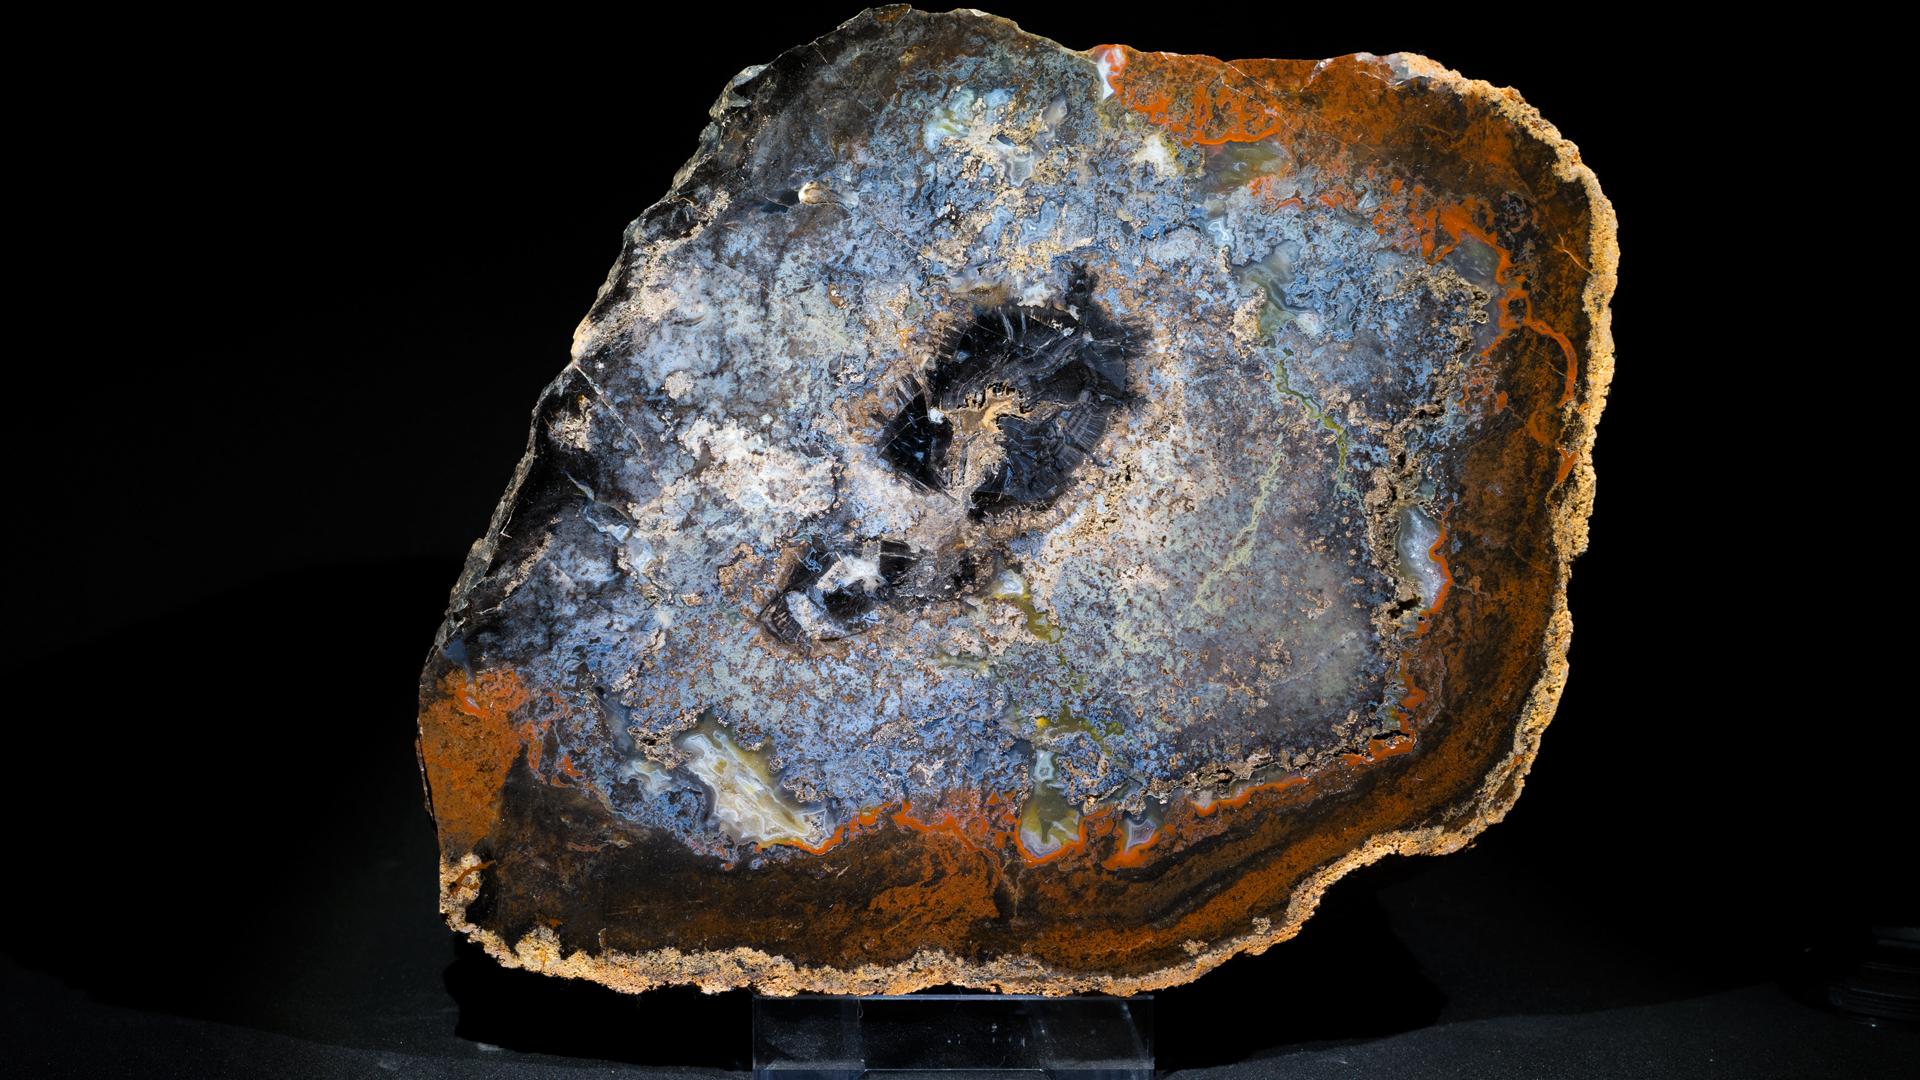 Sigilaria 26x19, Holenice, Spodní perm